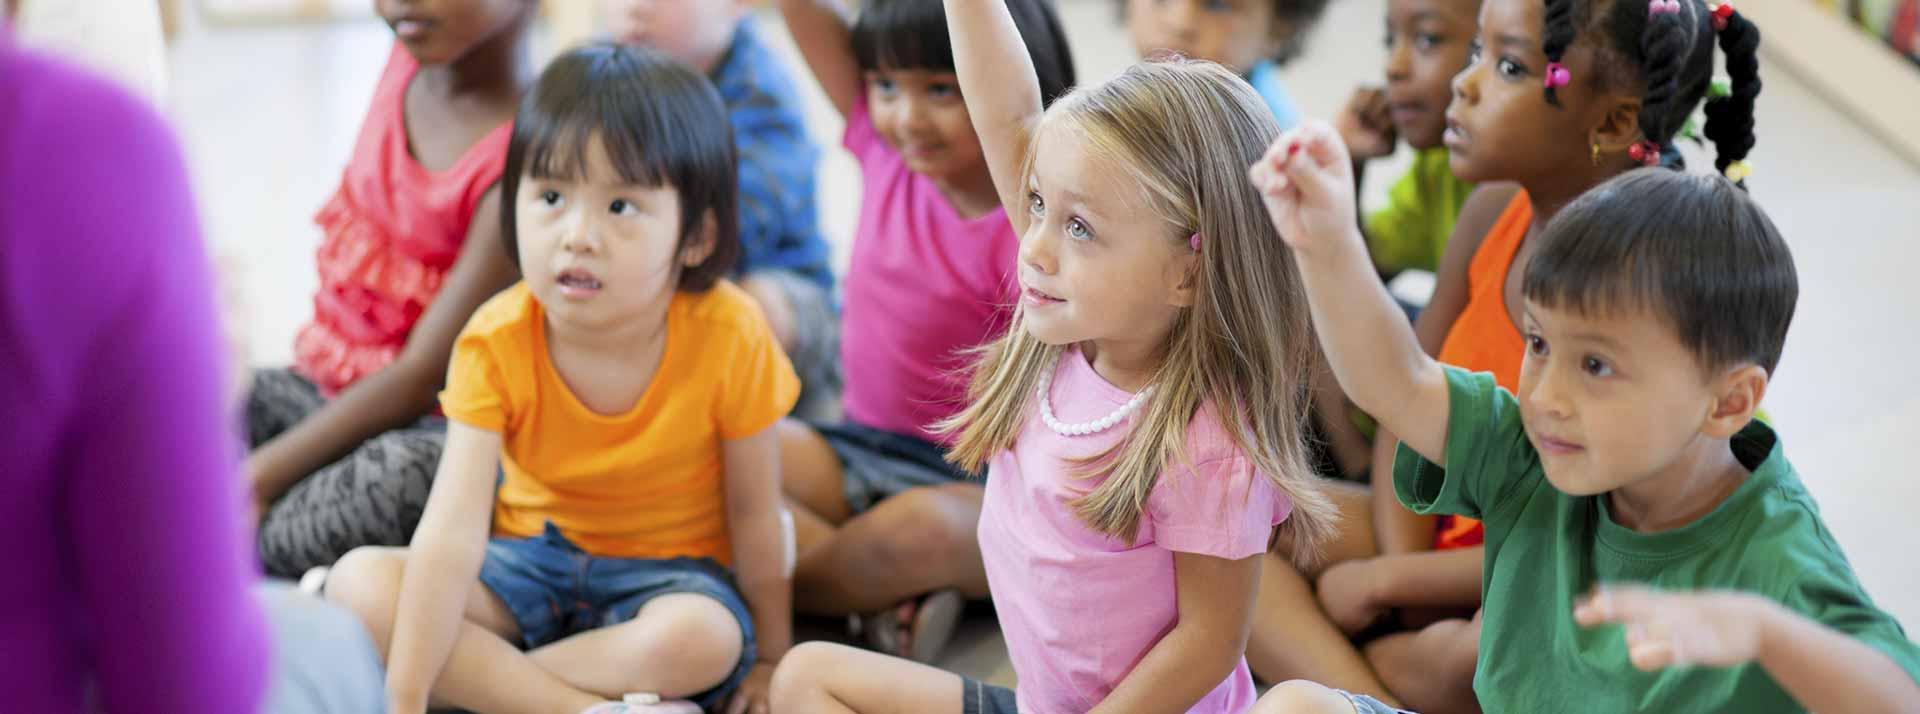 Preparing children for a bright future